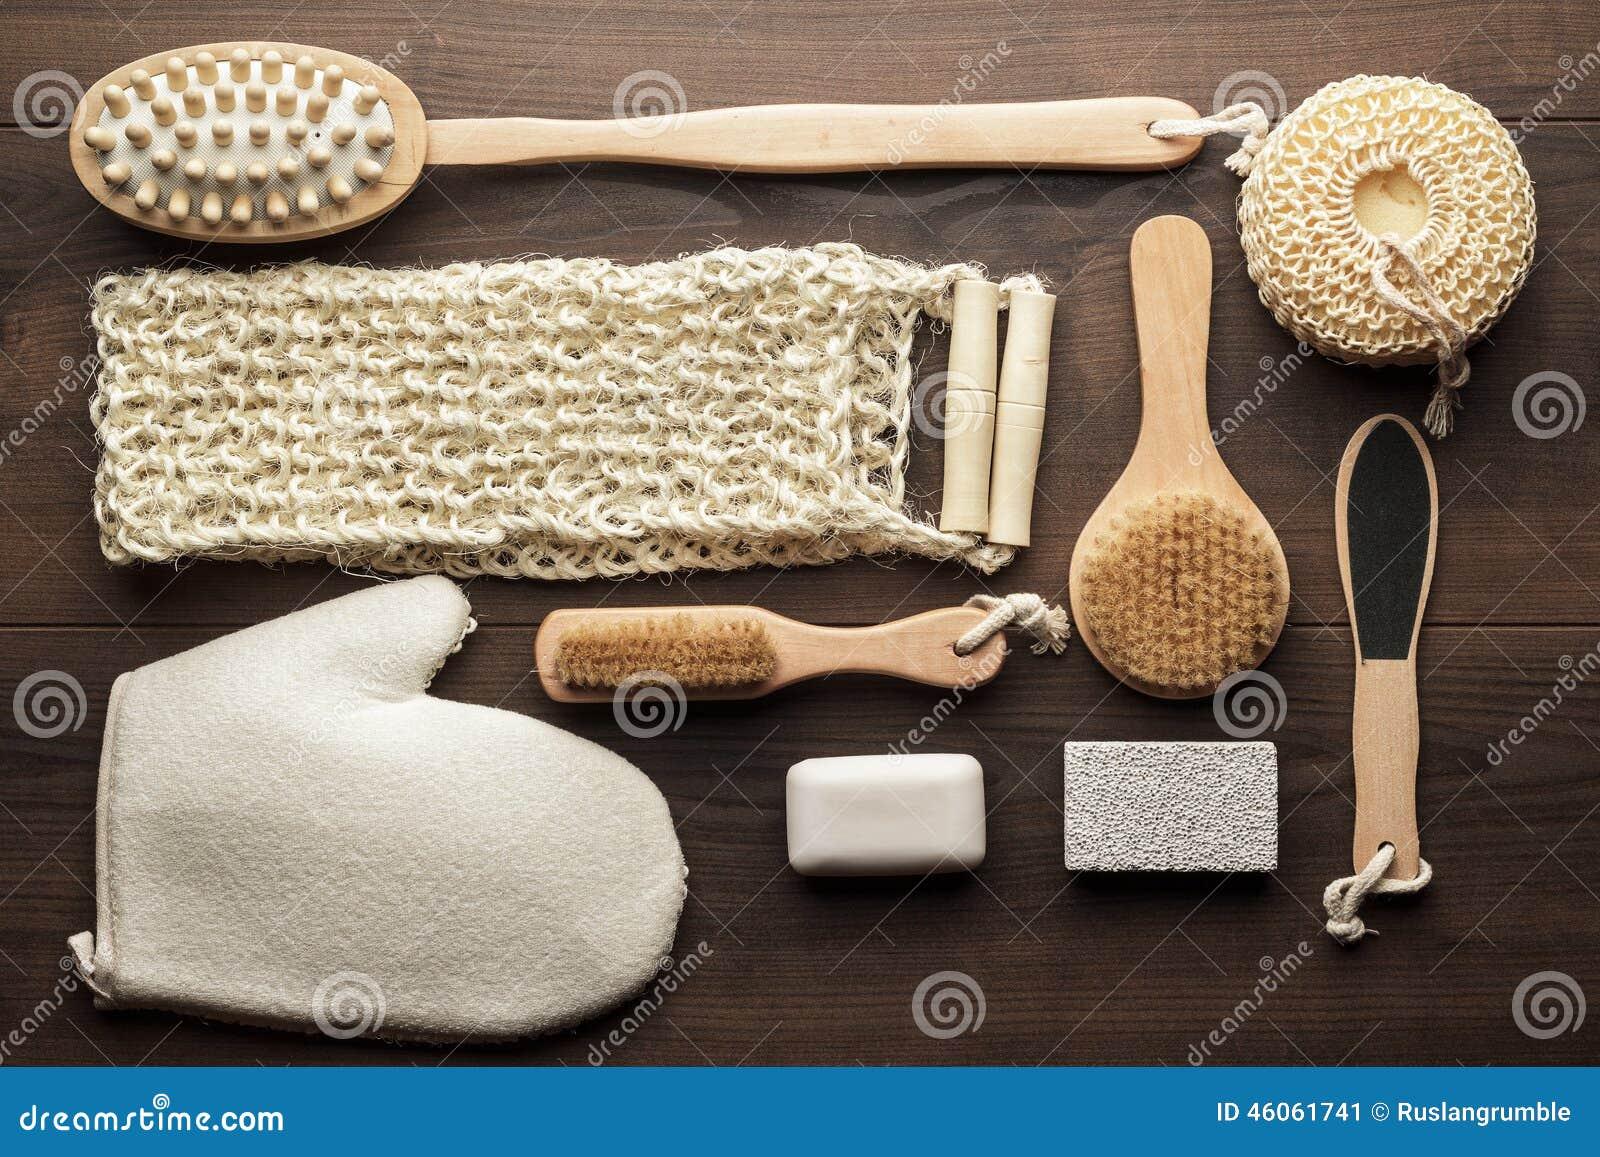 Accessori Bagno Marrone : Alcuni accessori del bagno su fondo di legno marrone immagine